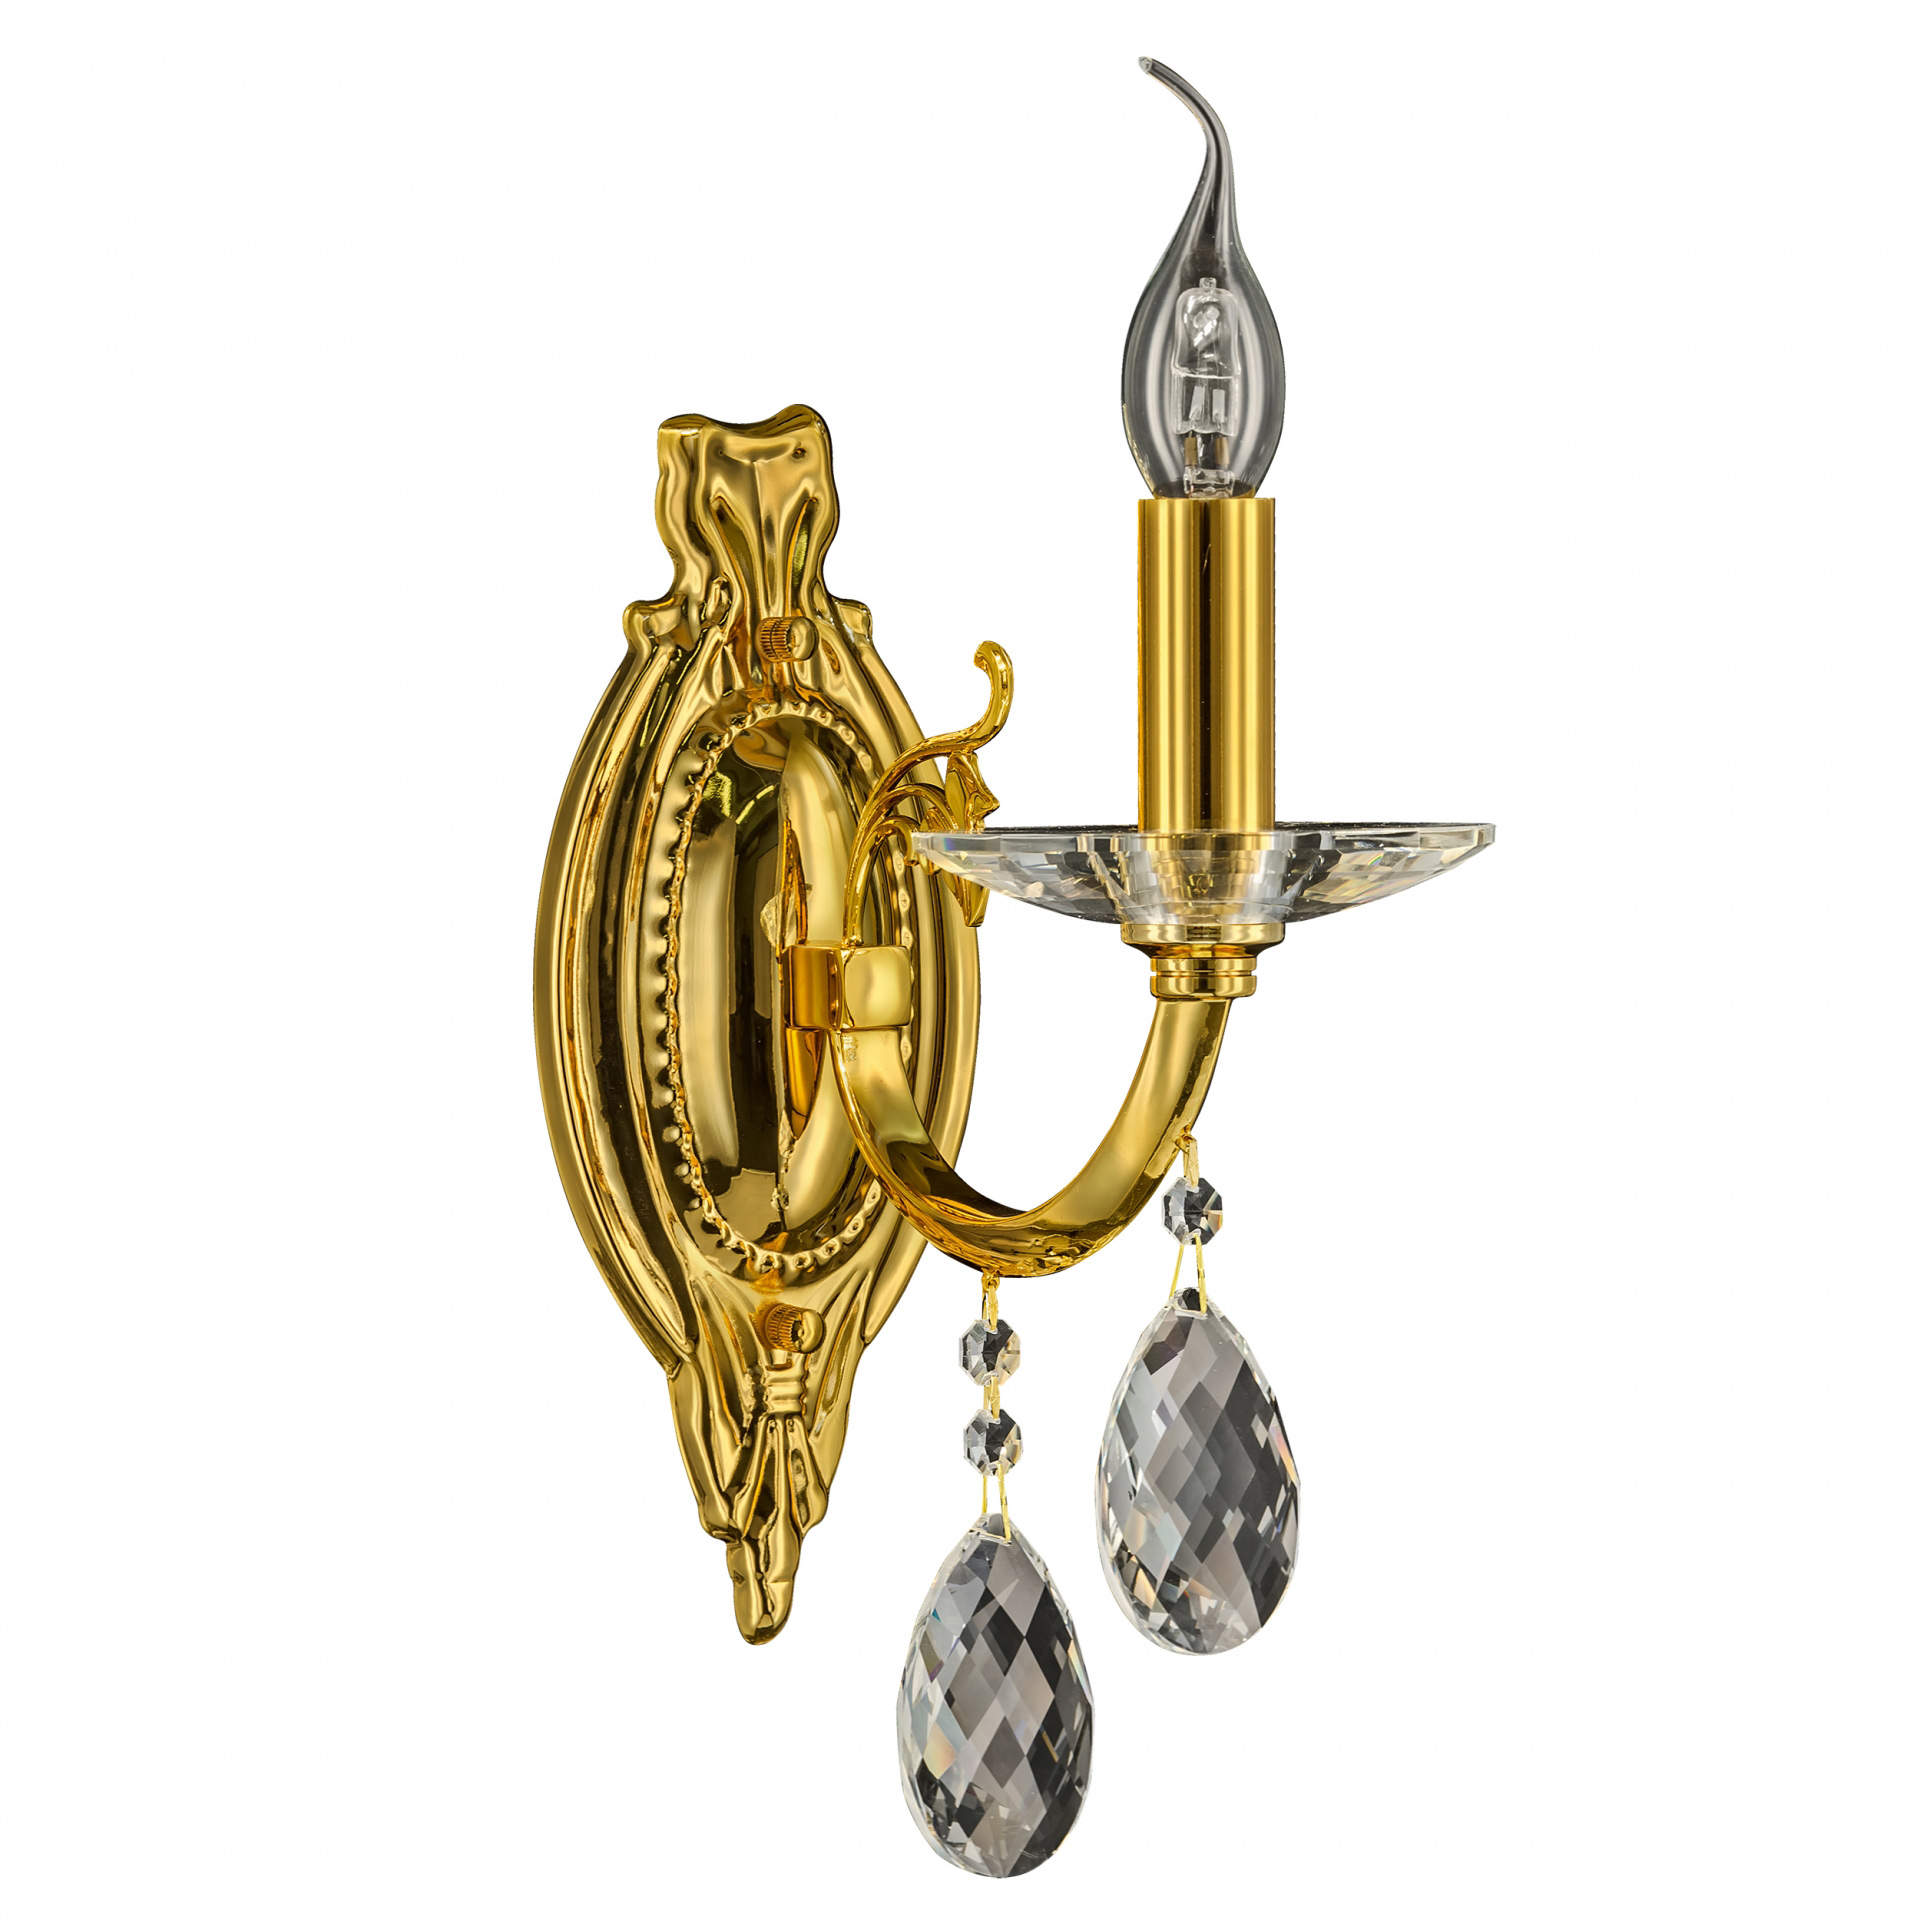 Бра Stregaro 1х60W E14 золото Osgona 694612, купить в СПб, Москве, с доставкой, Санкт-Петербург, интернет-магазин люстр и светильников Starlight, фото в жизни